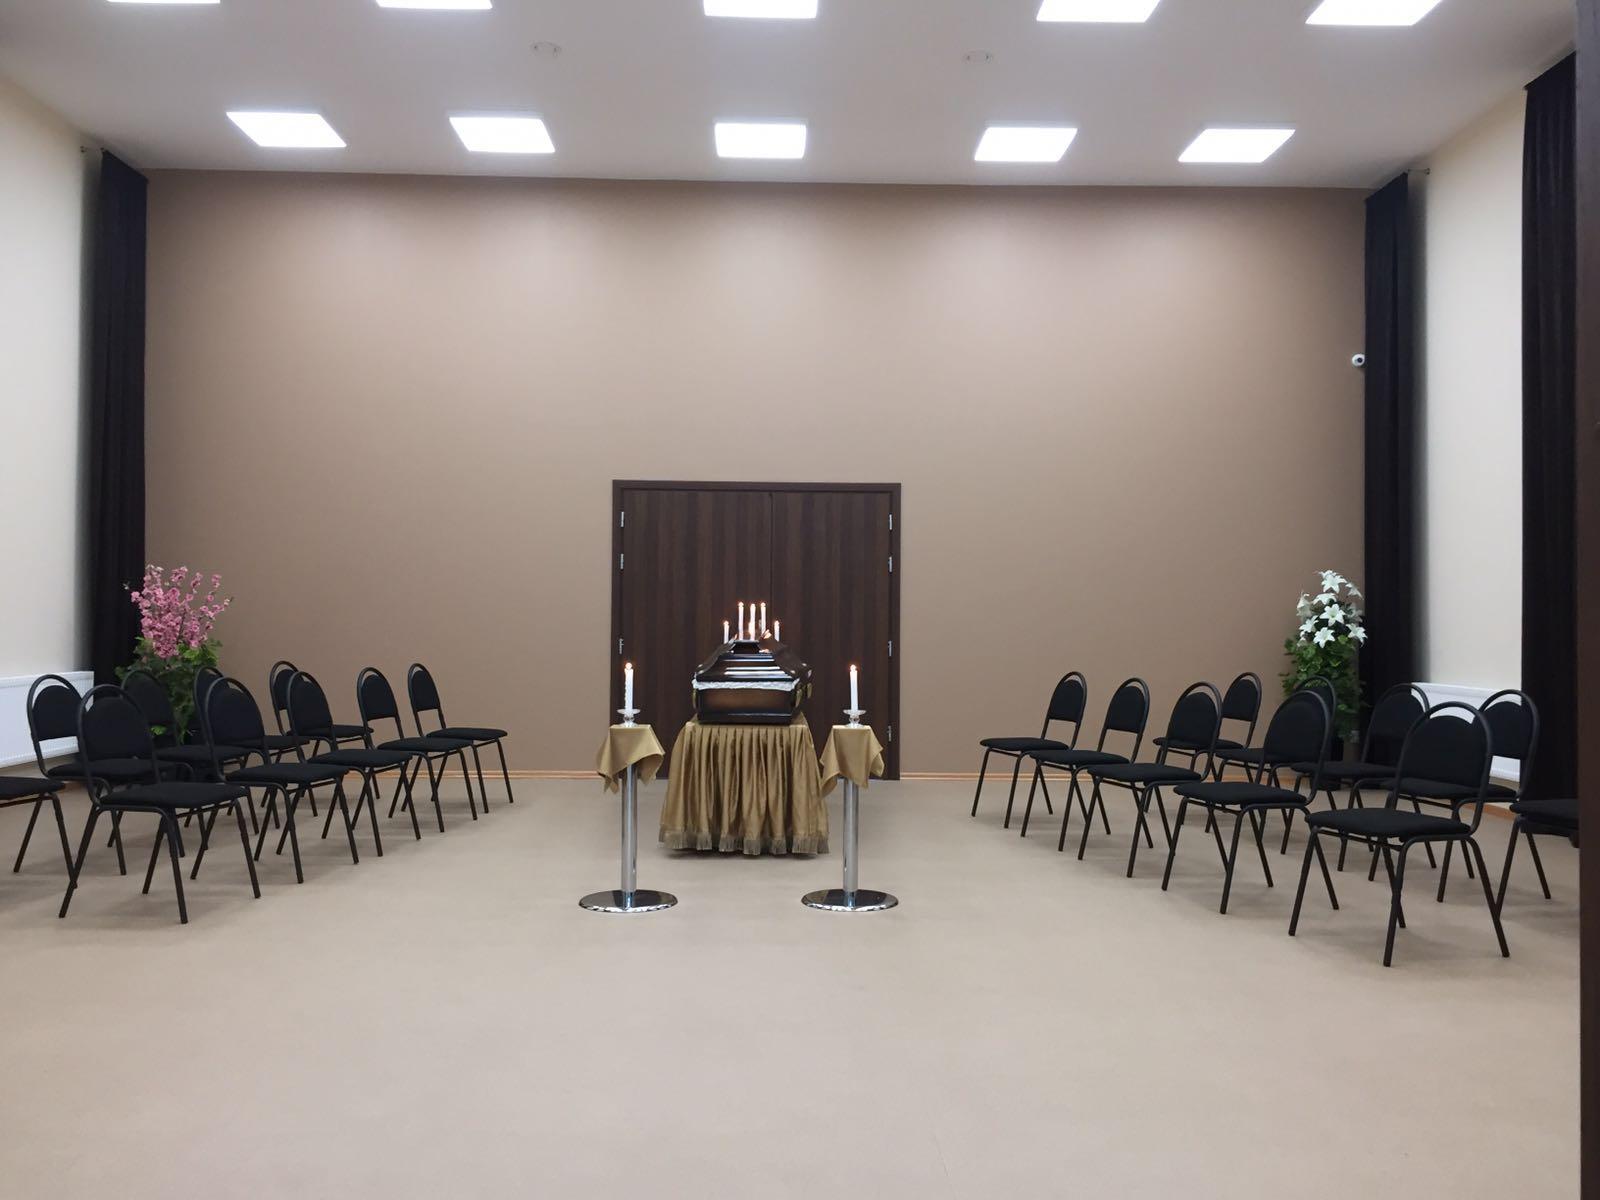 Krematorija piedāvā kremācijas